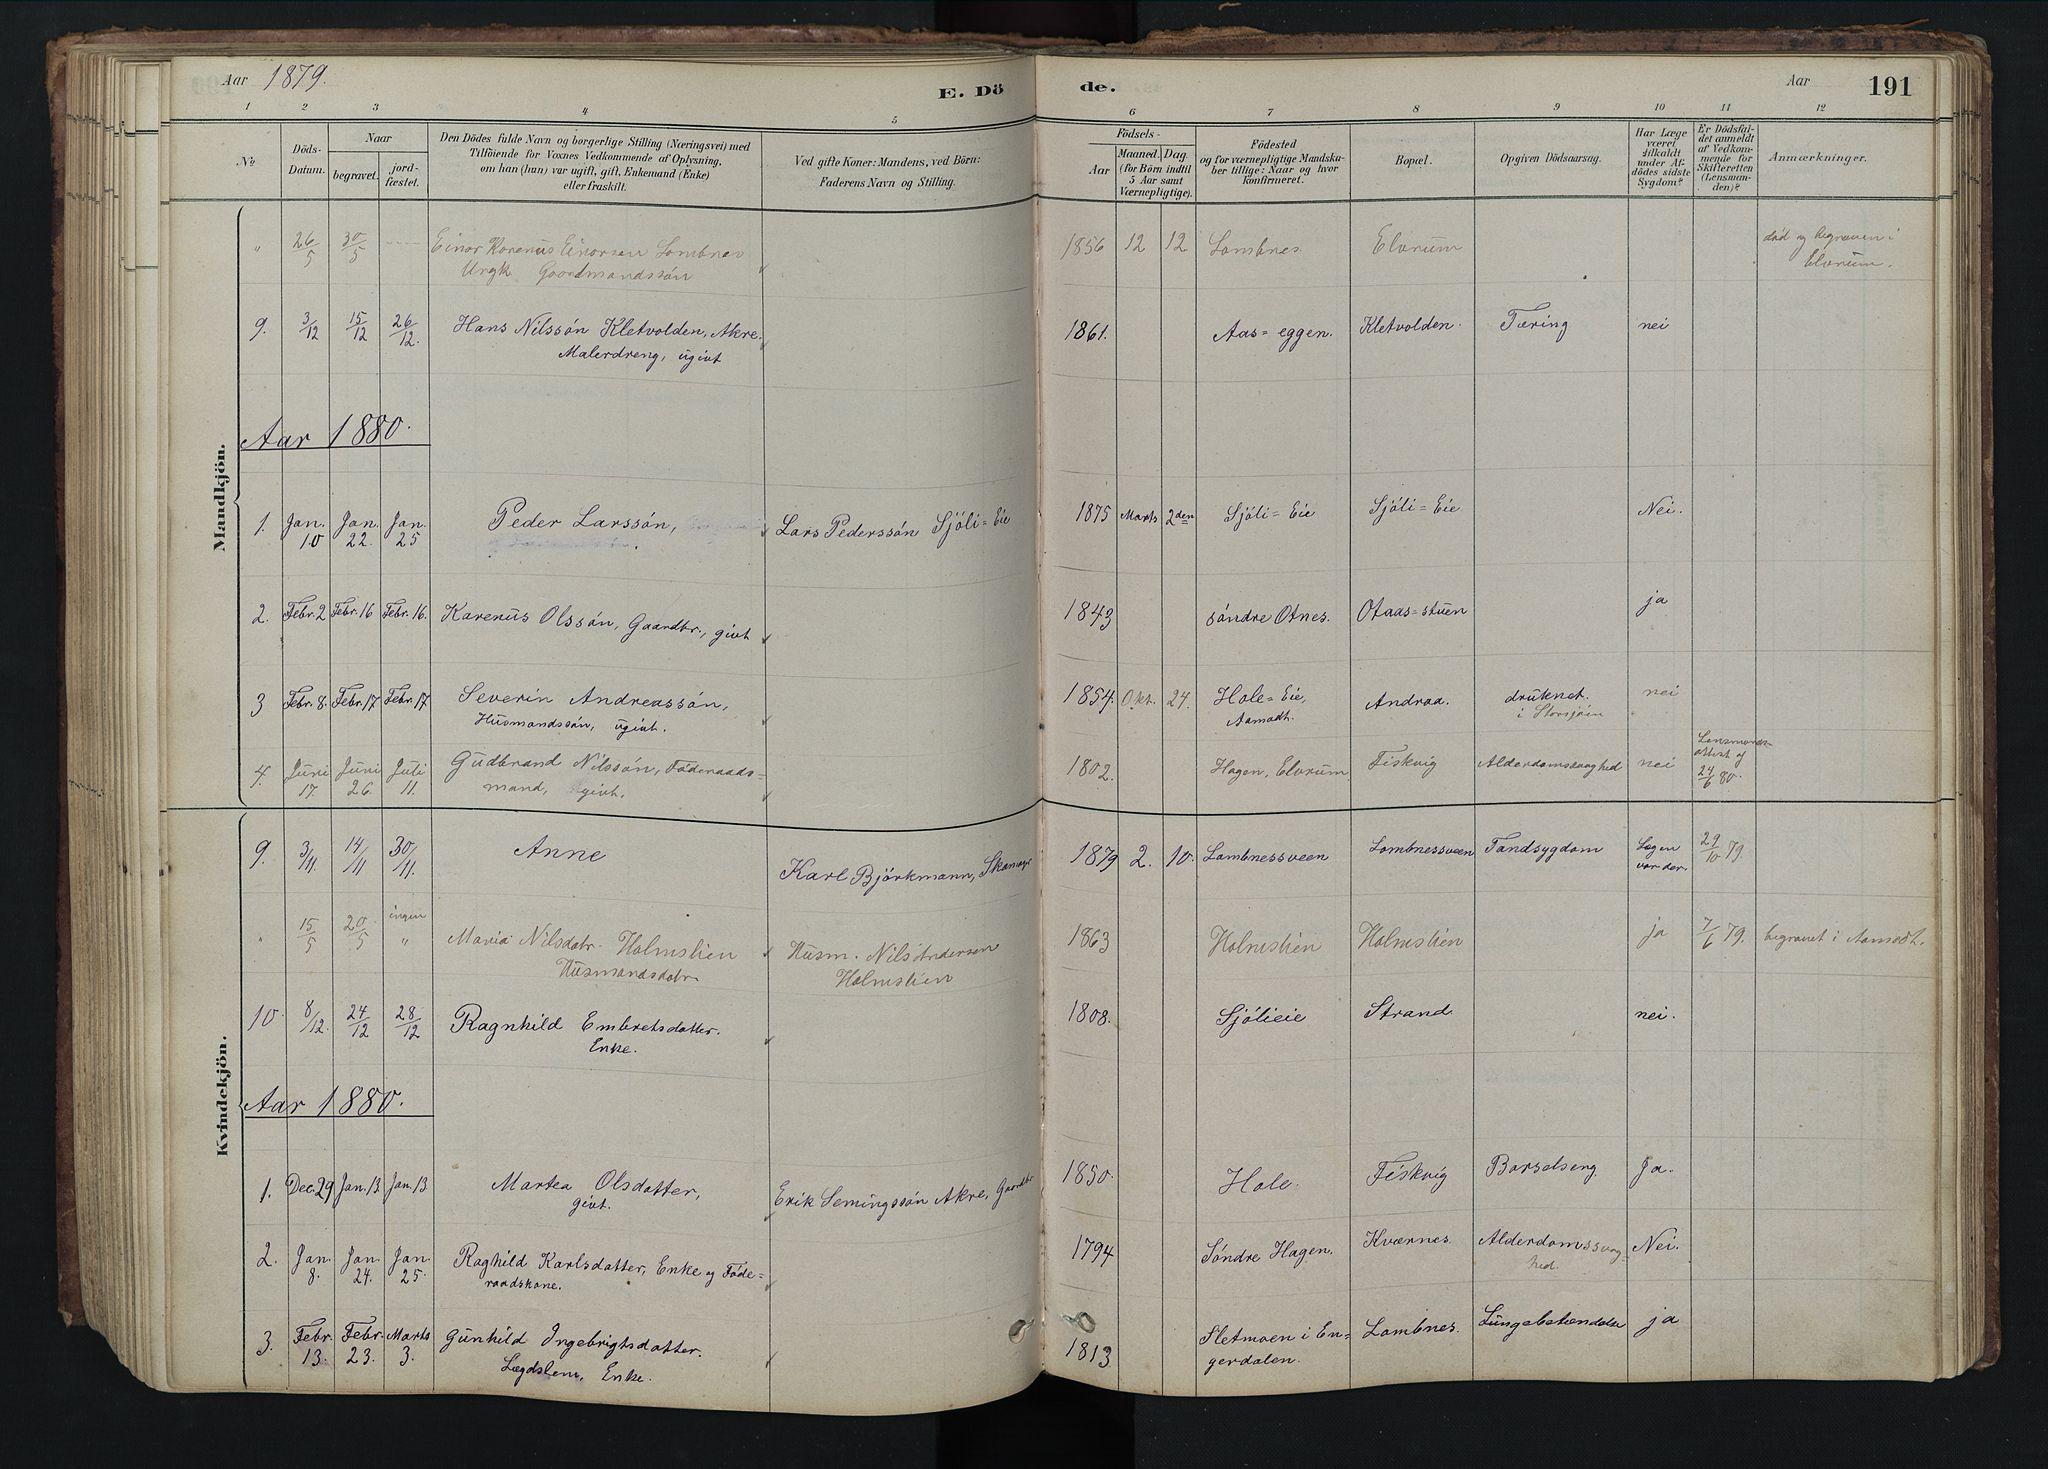 SAH, Rendalen prestekontor, H/Ha/Hab/L0009: Klokkerbok nr. 9, 1879-1902, s. 191